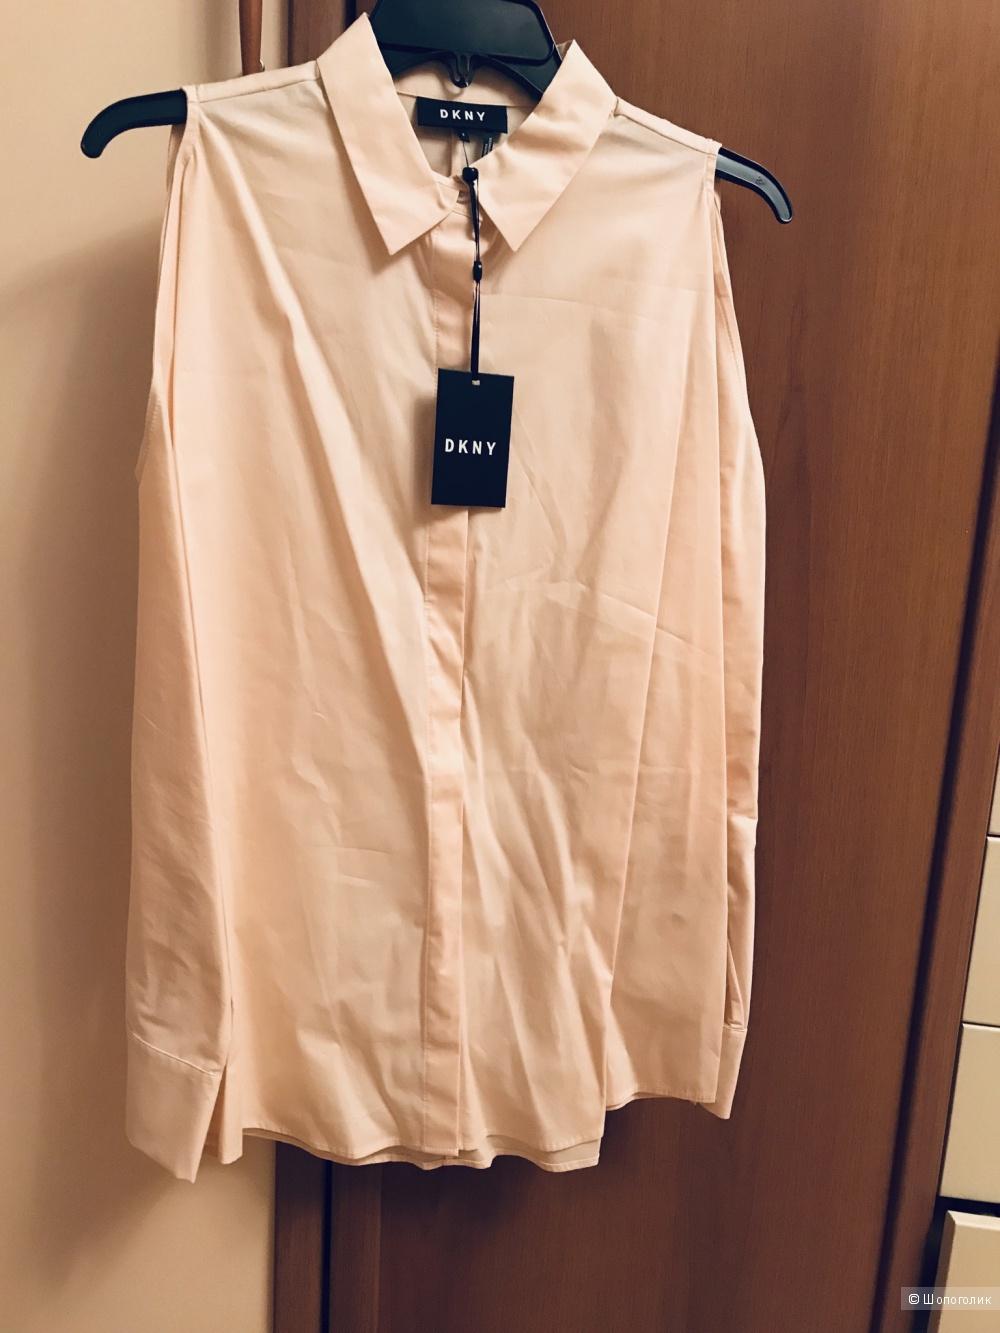 Блузка - Рубашка DKNY S (44 - 46 рус)